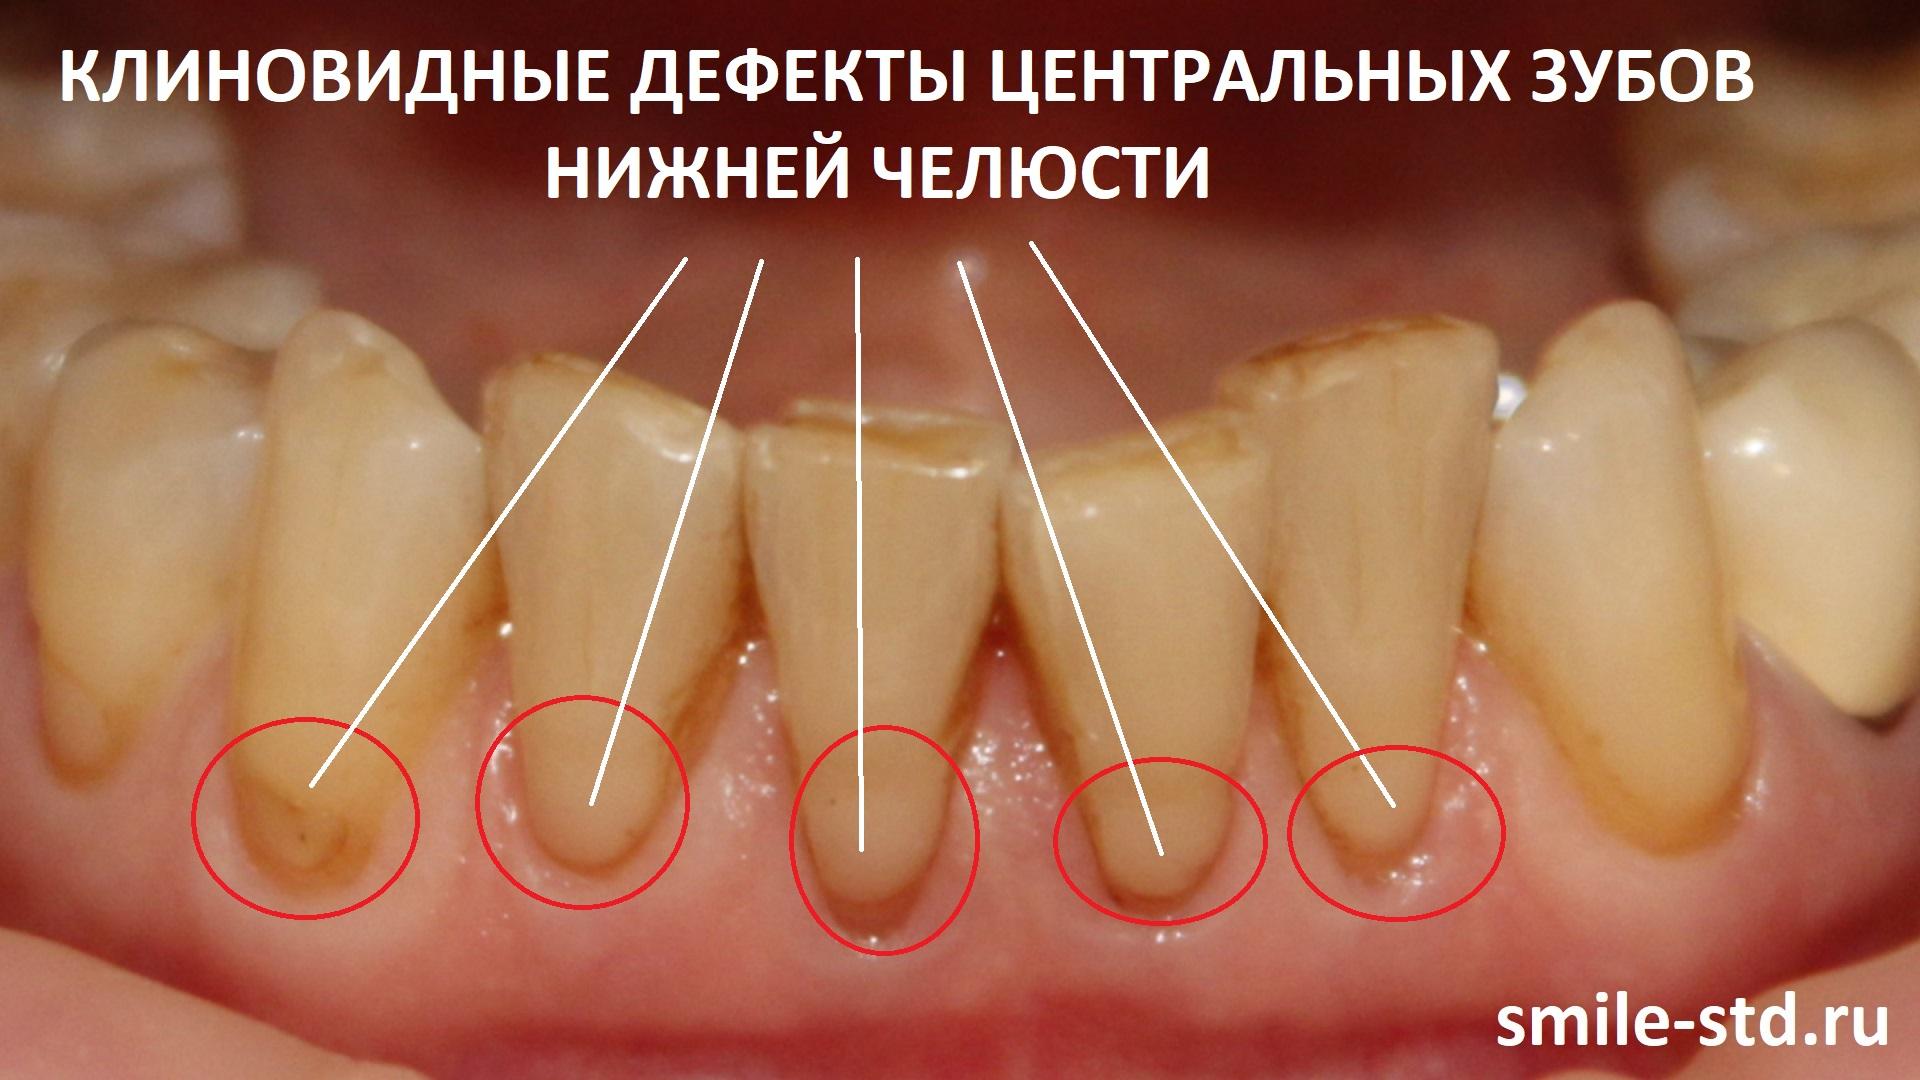 В пришеечных областях центральной группы зубов нижней челюсти наблюдались клиновидные дефекты и стираемость режущего края. Пациент клиники Smile STD, Москва